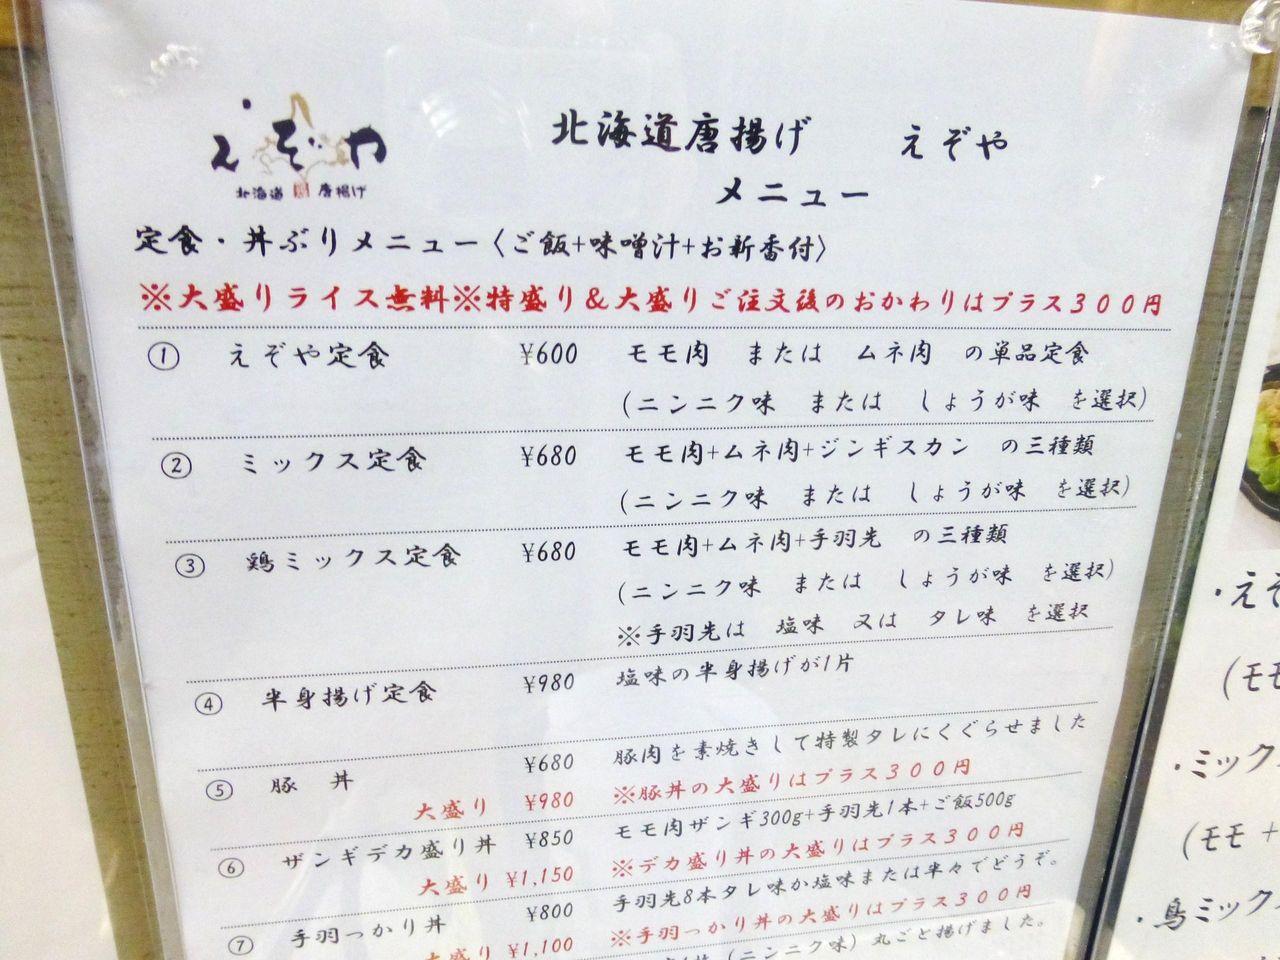 えぞやのメニュー(25年11月現在)